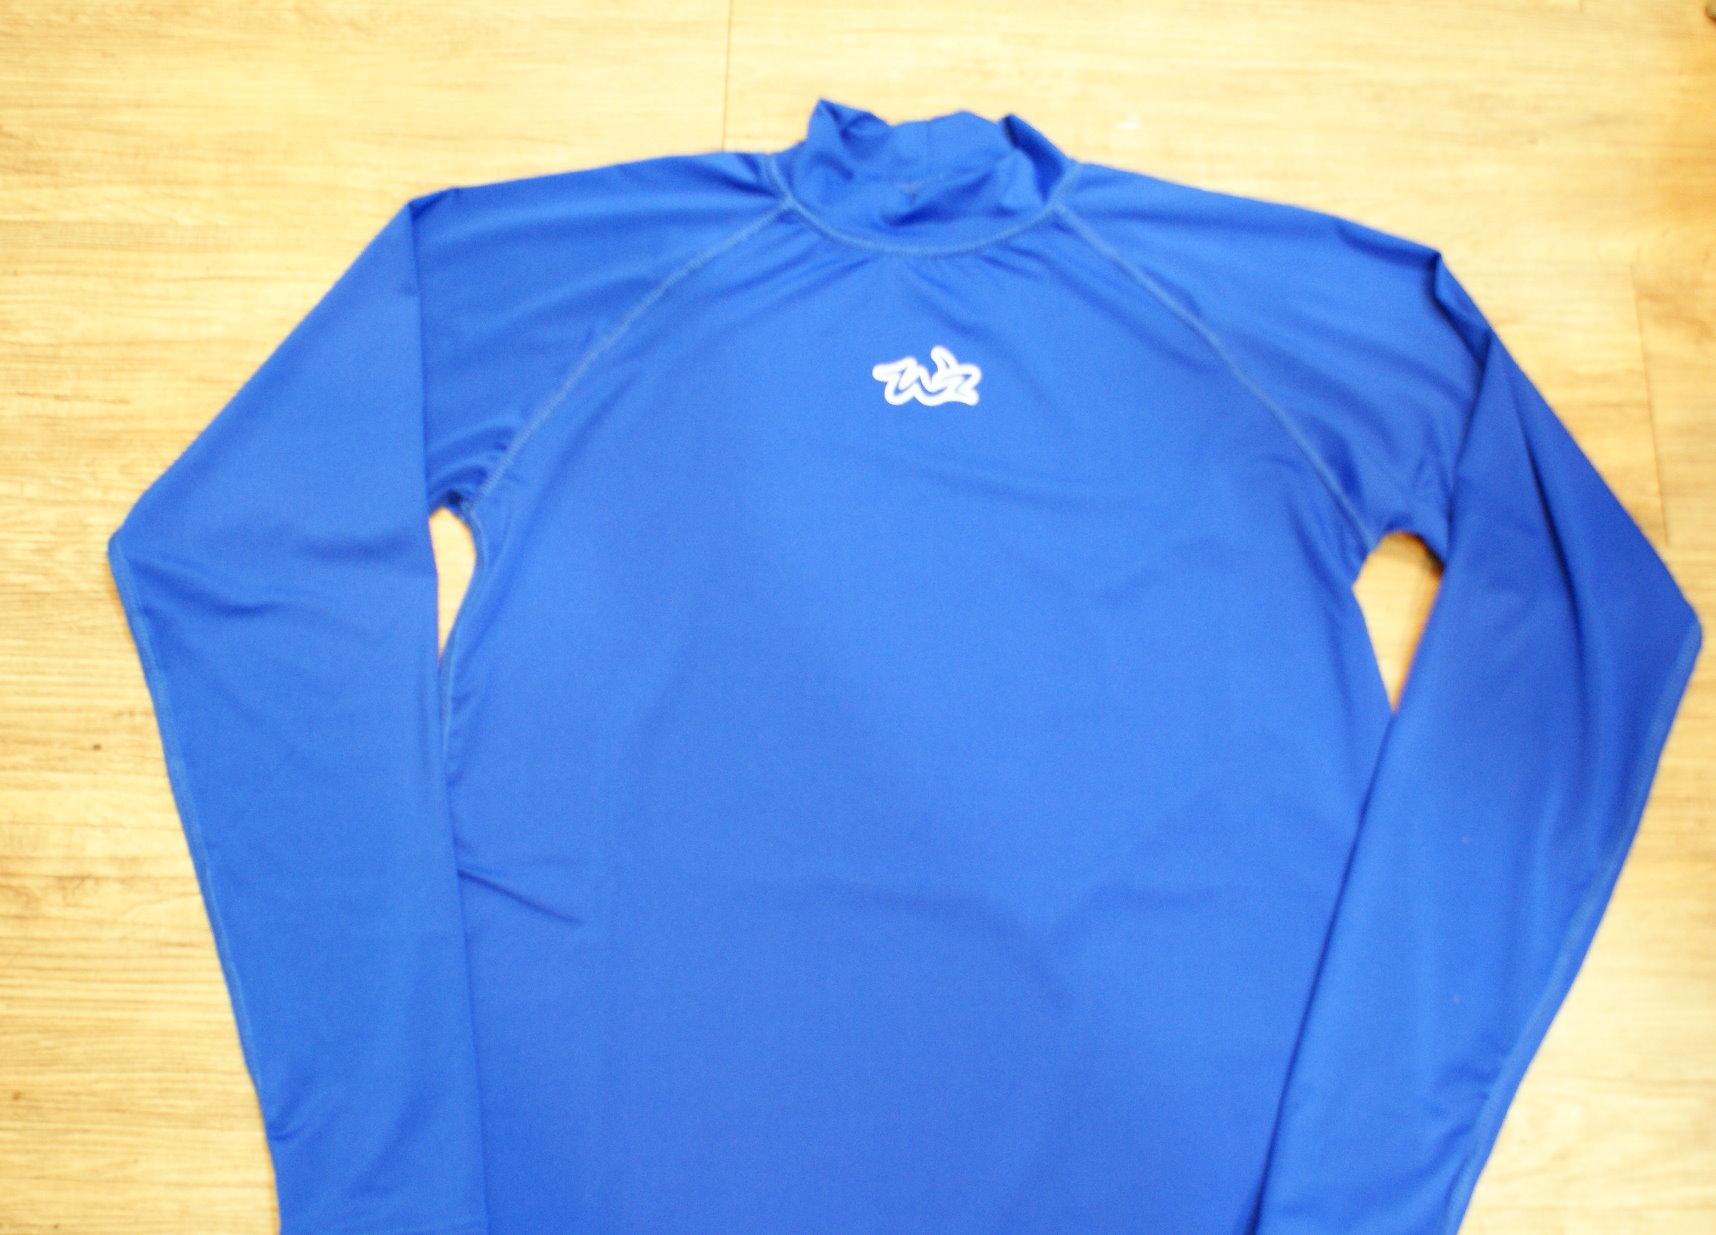 棒球世界 全新WZ藍色系快速排汗長袖運動緊身衣 特價 寶藍色